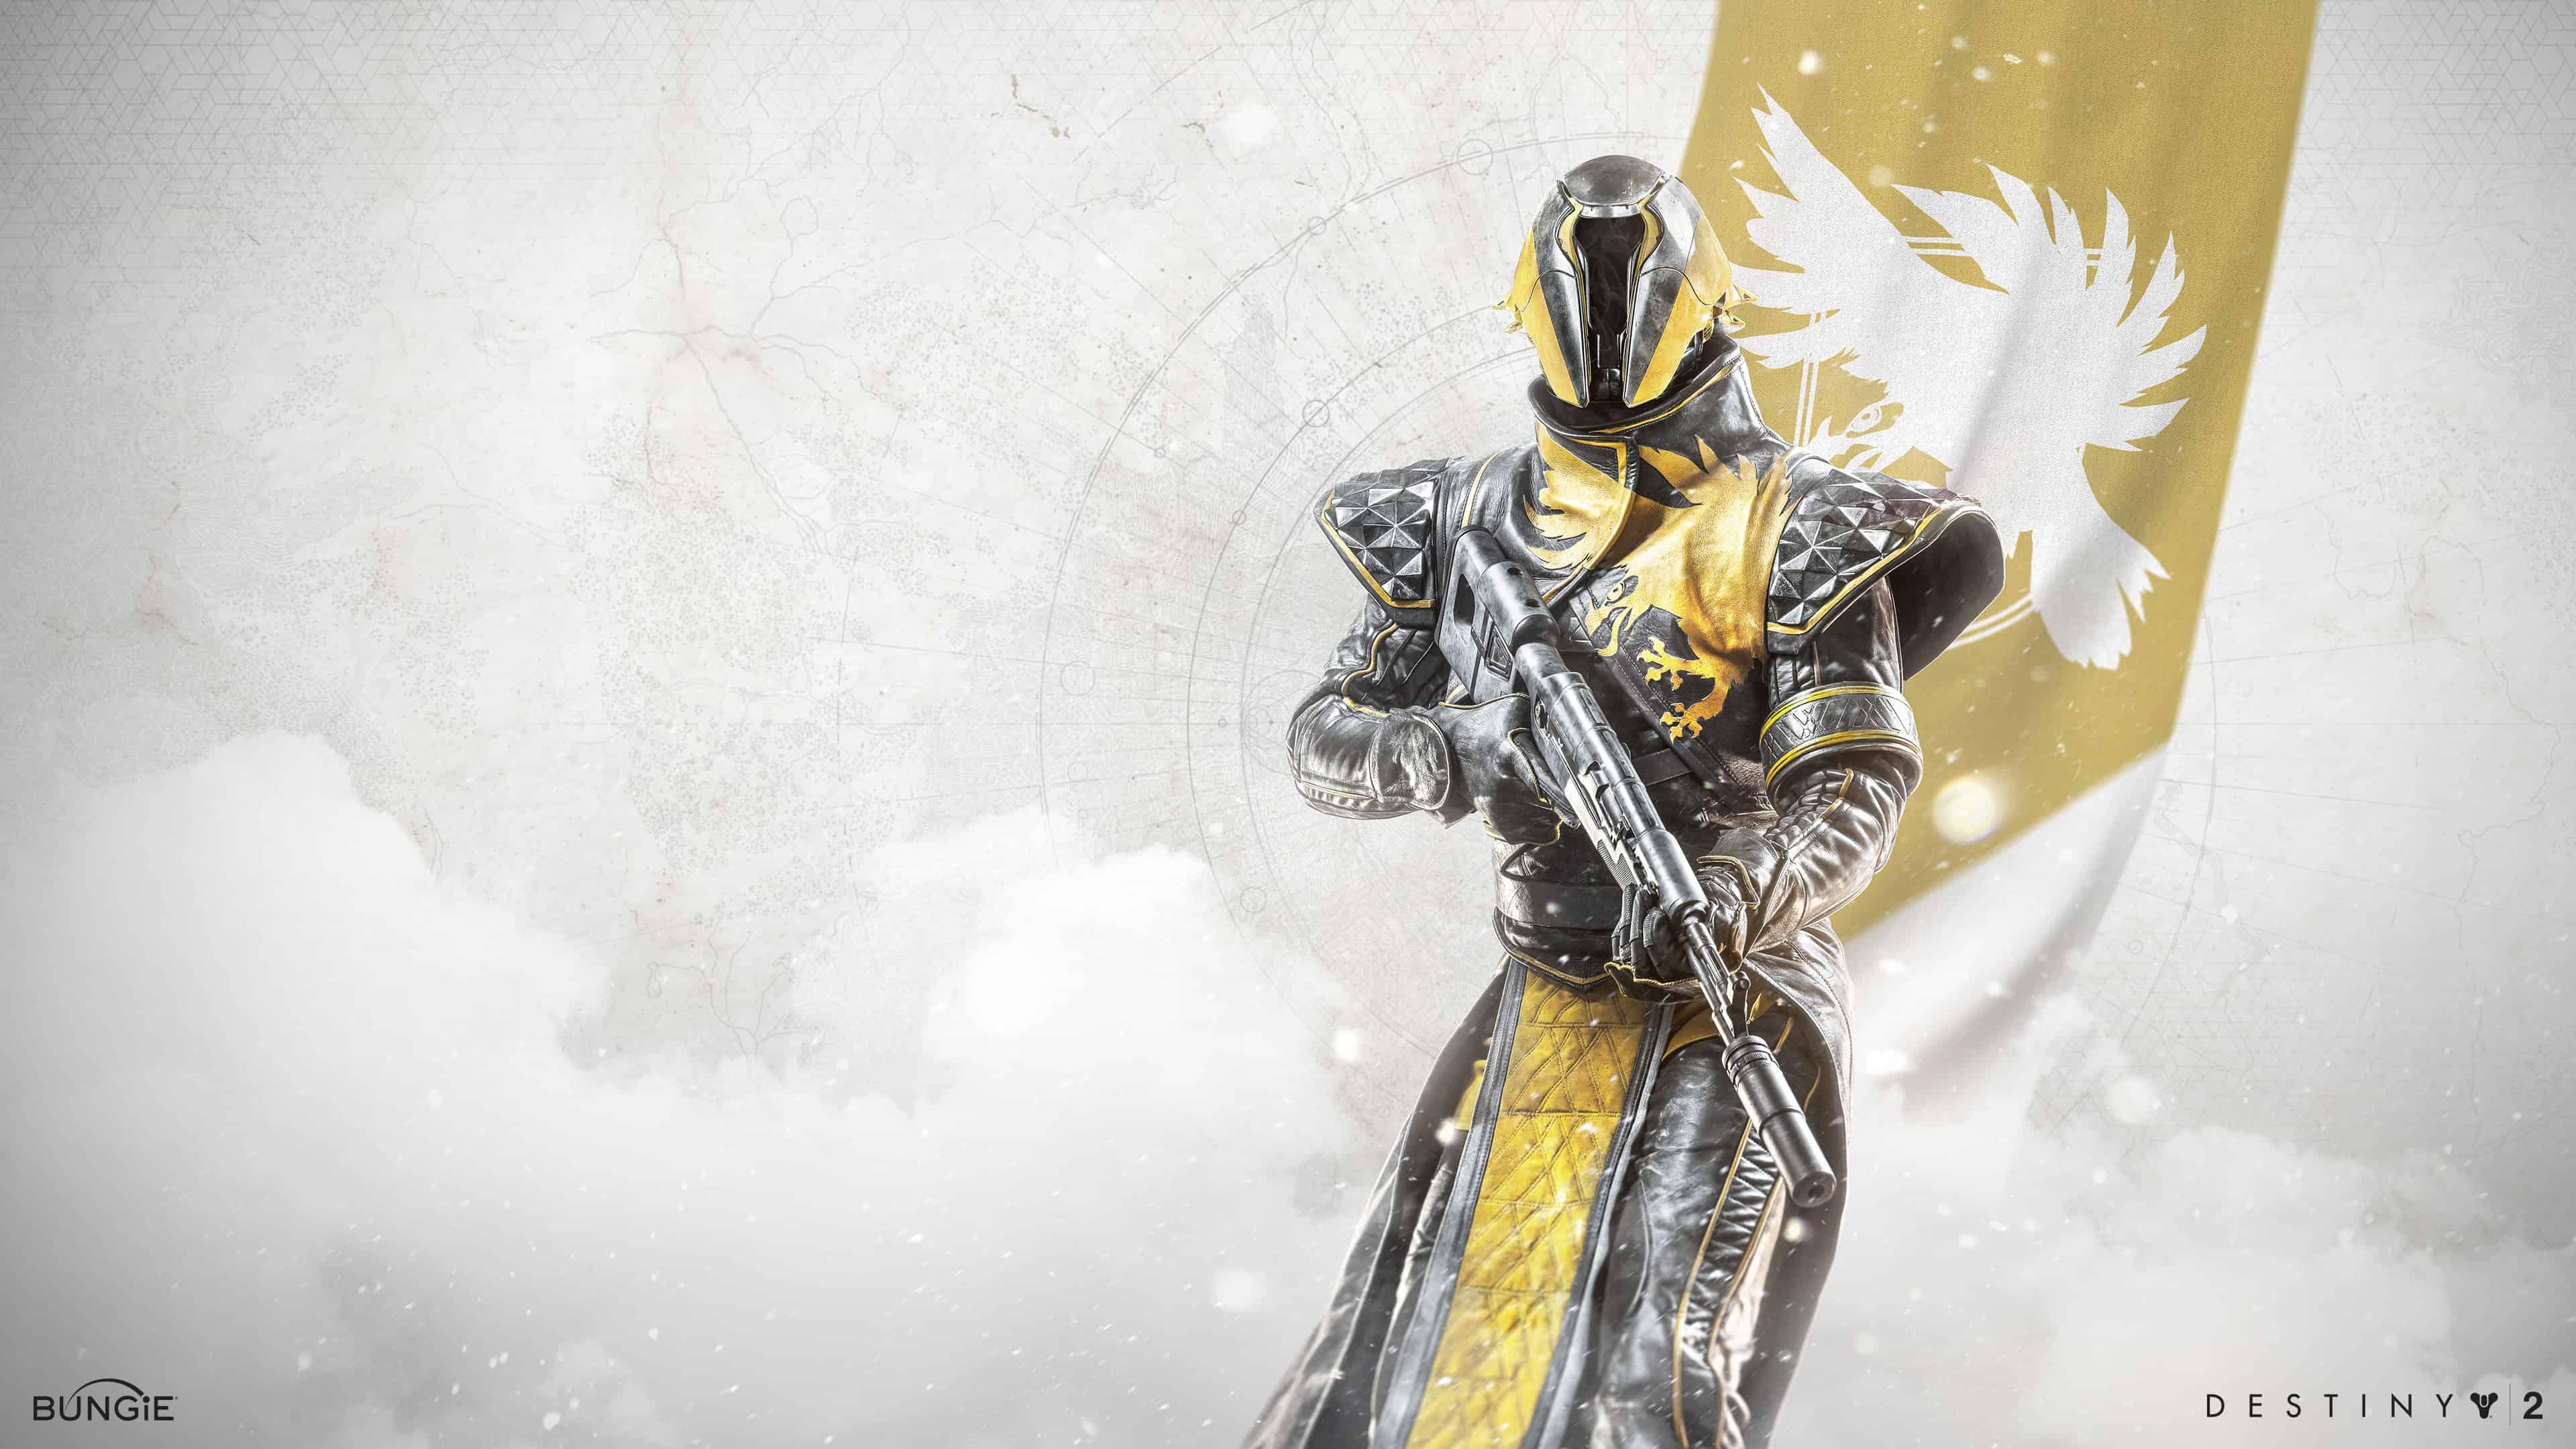 destiny 2 warlock uhd 4k wallpaper